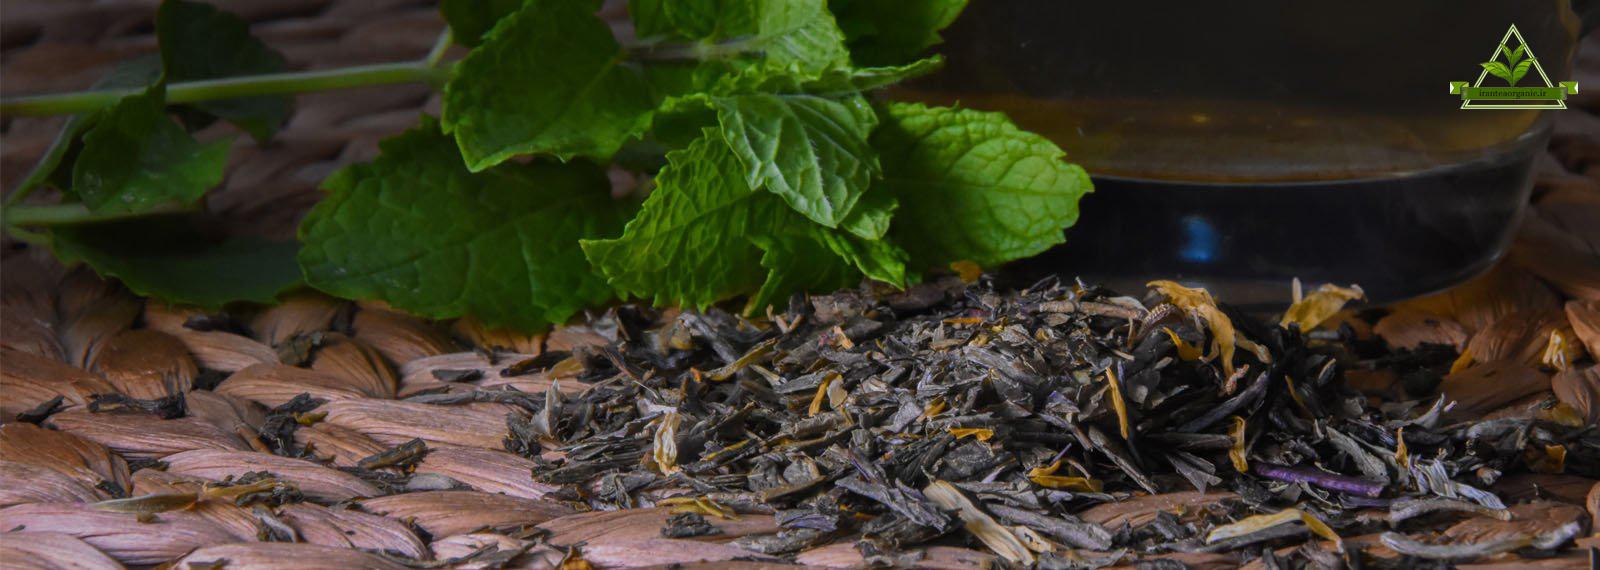 فروش عمده چای در تاجیکستان